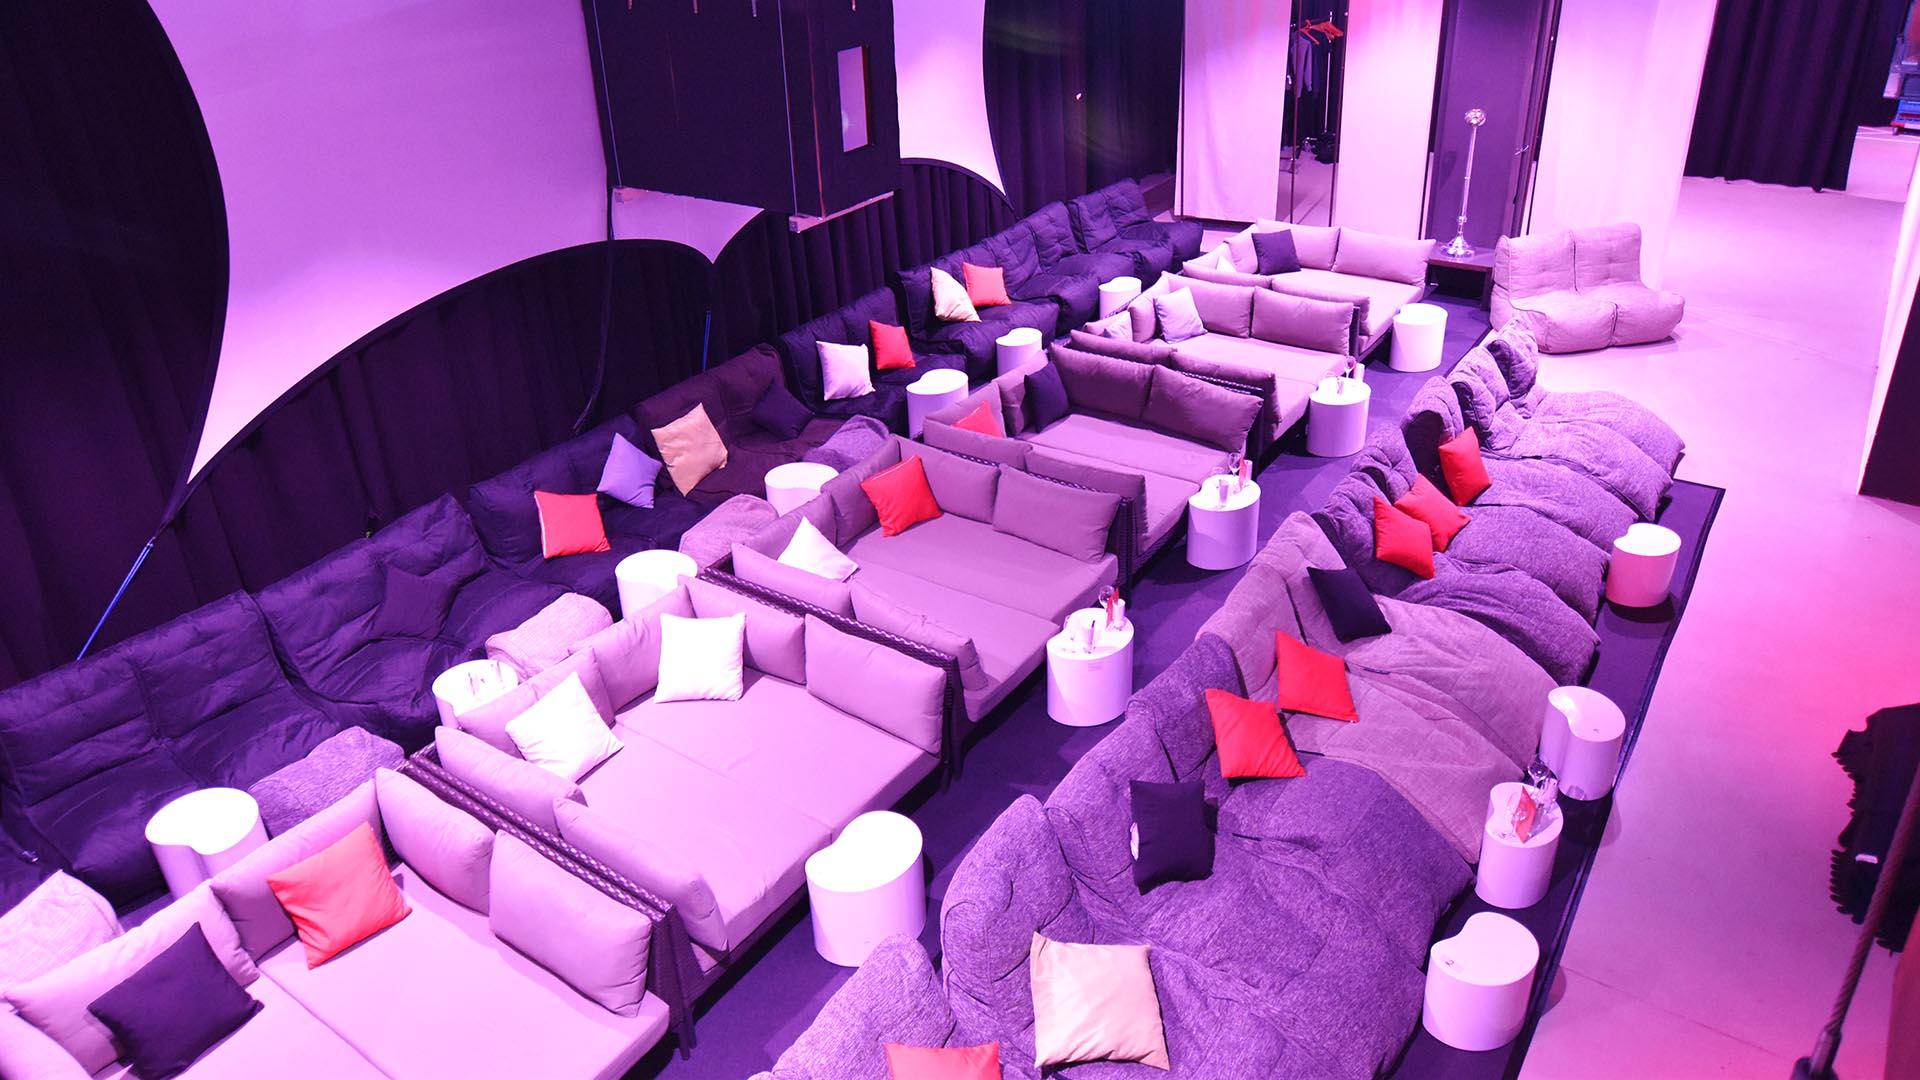 Full Size of Kino Mit Betten Lounge Spielorte Bett 90x200 Lattenrost Und Matratze Sofa Abnehmbaren Bezug Verstellbarer Sitztiefe Team 7 160x200 Musterring Rauch 140x200 Wohnzimmer Kino Mit Betten